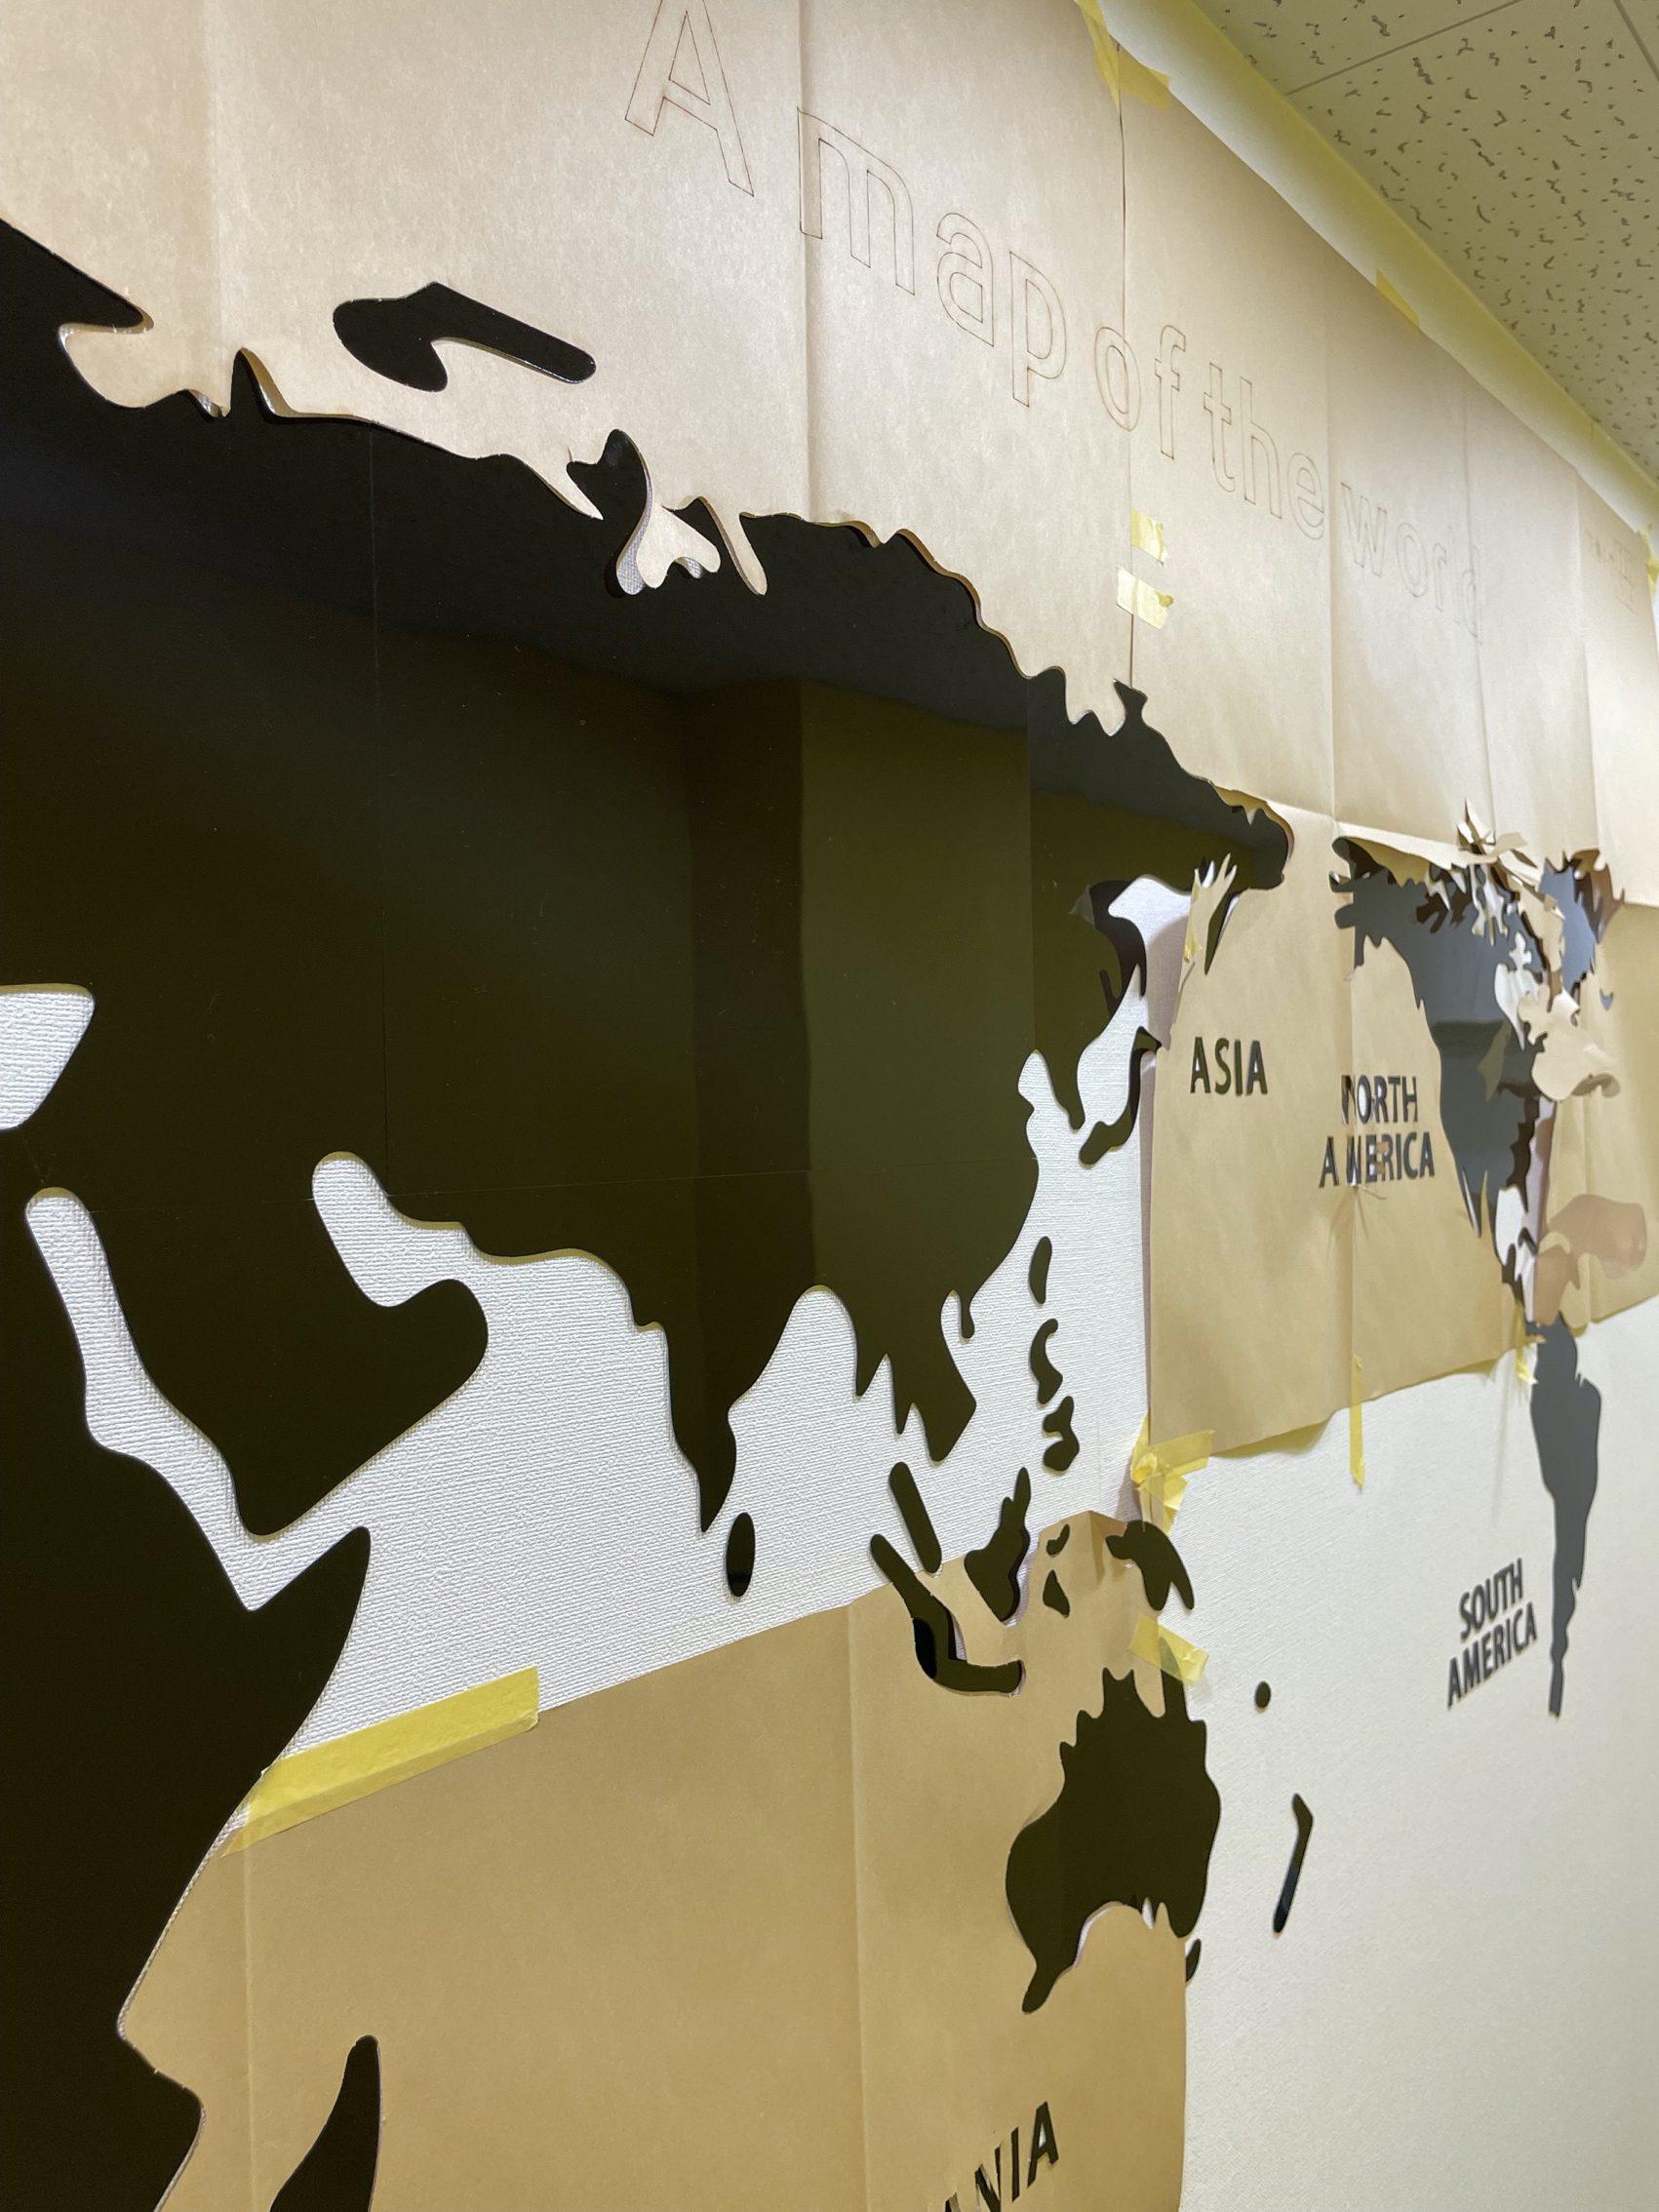 ピカピカの廊下に世界地図!   代々木グローバル高等学院[公式]